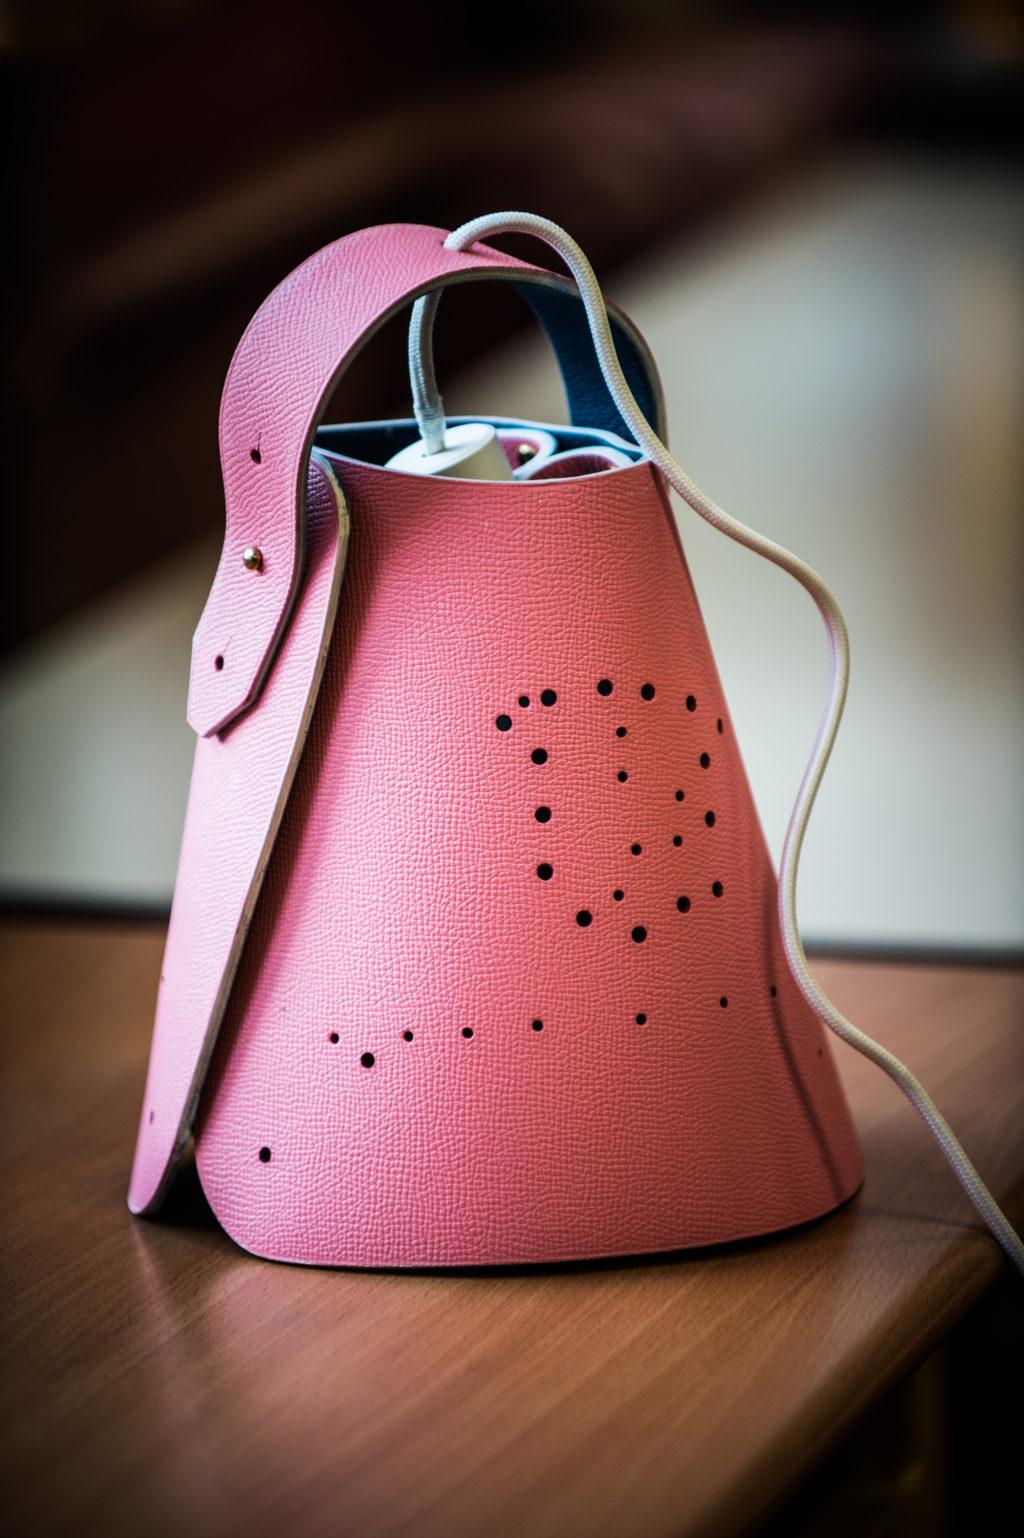 La lampe que vont réaliser les élèves de l'école primaire Anatole France © Benoît Teillet / Fondation d'entreprise Hermès